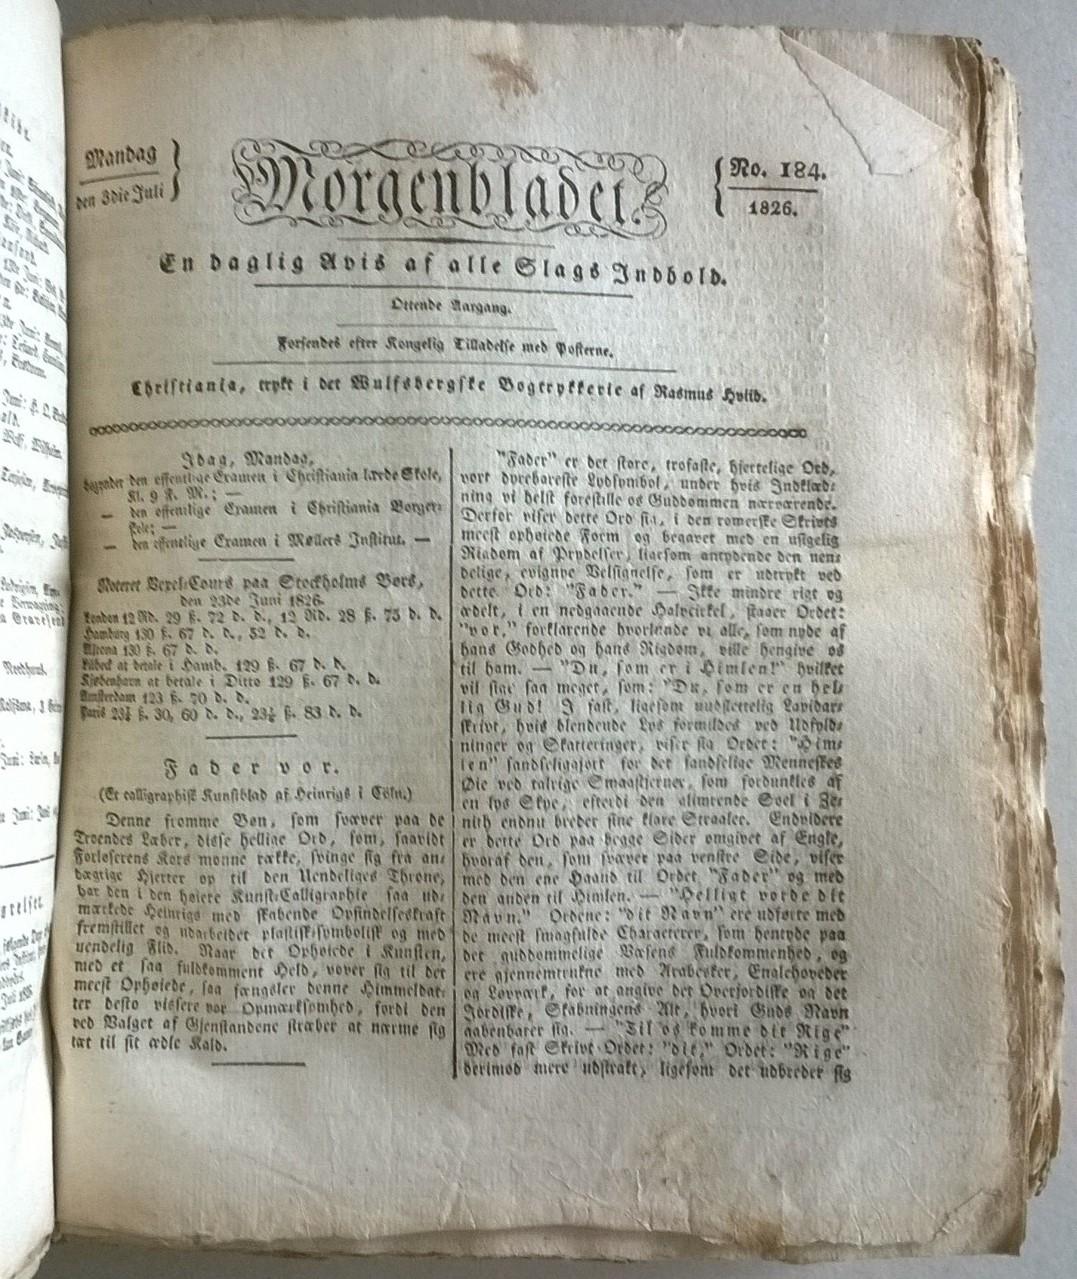 [Hviid, Rasmus (red.)] Morgenbladet, 8. årgang, 1826